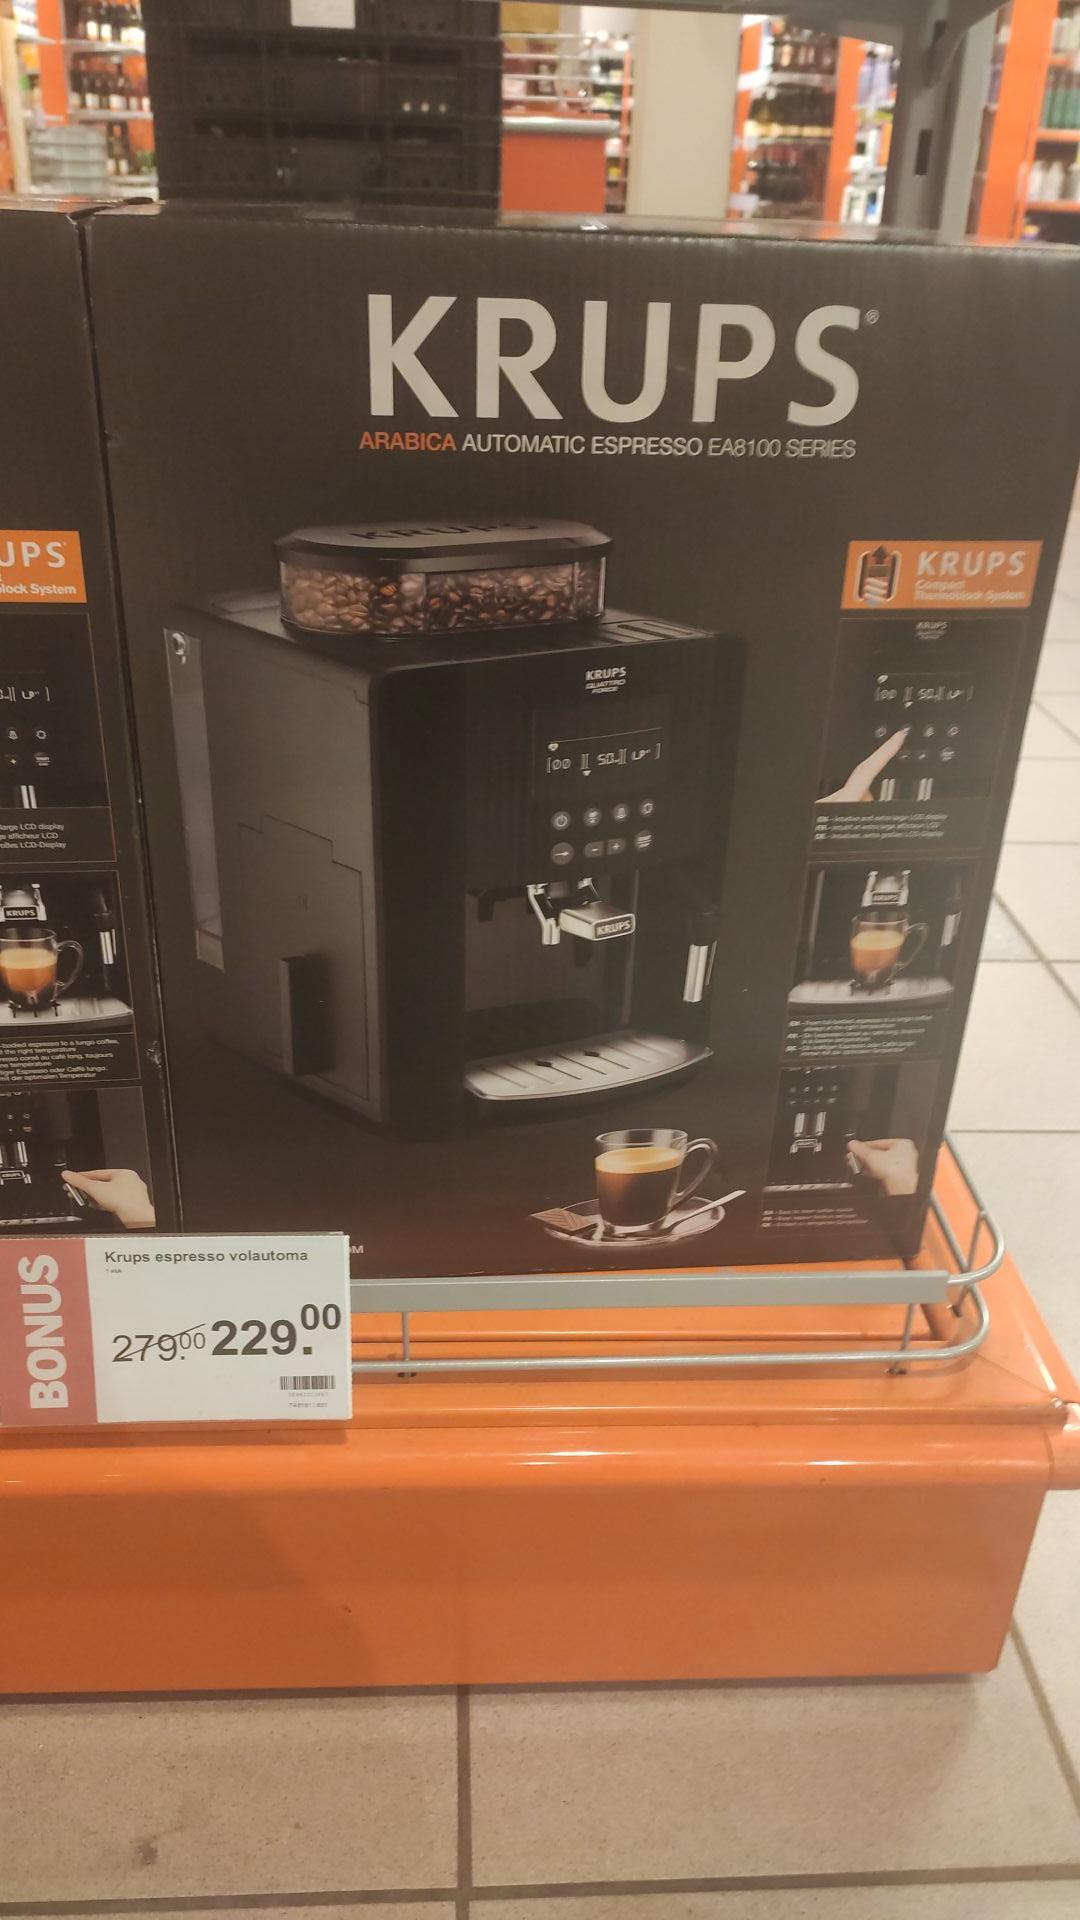 Krups 8100 espressomachine (AH breda Moerwijk, 2 stuks voorraad)